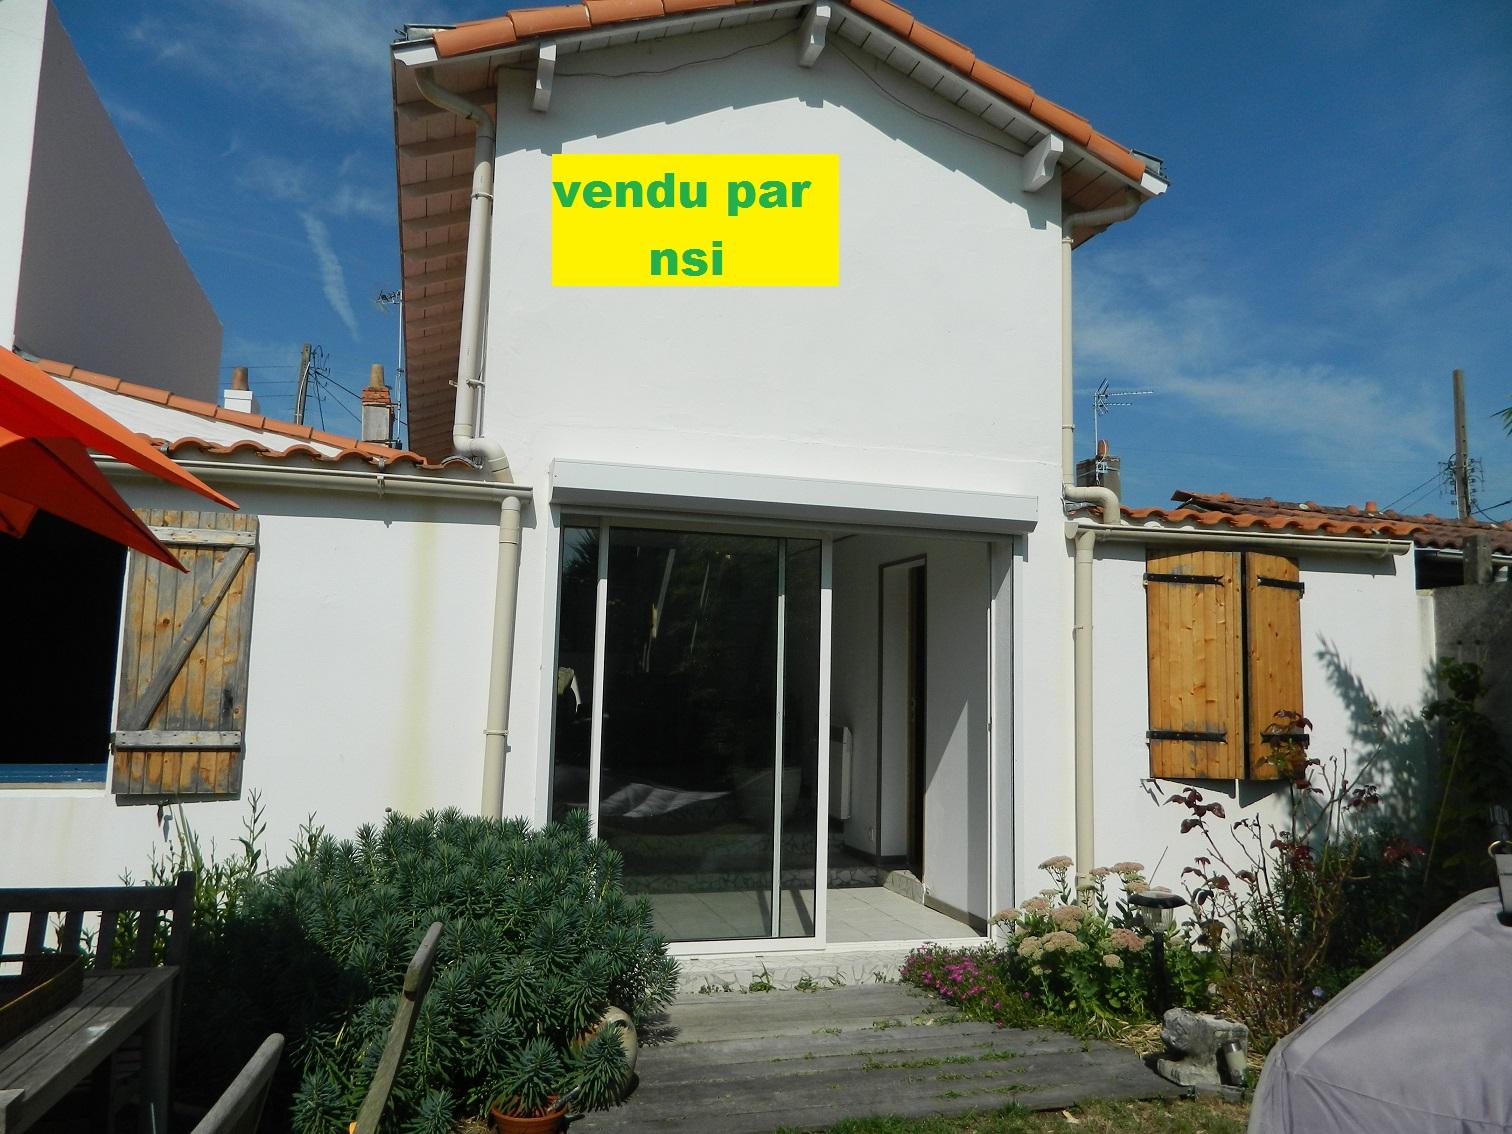 Vendues par nantes sud immobilier agence immobili re rez for Garage nantes sud